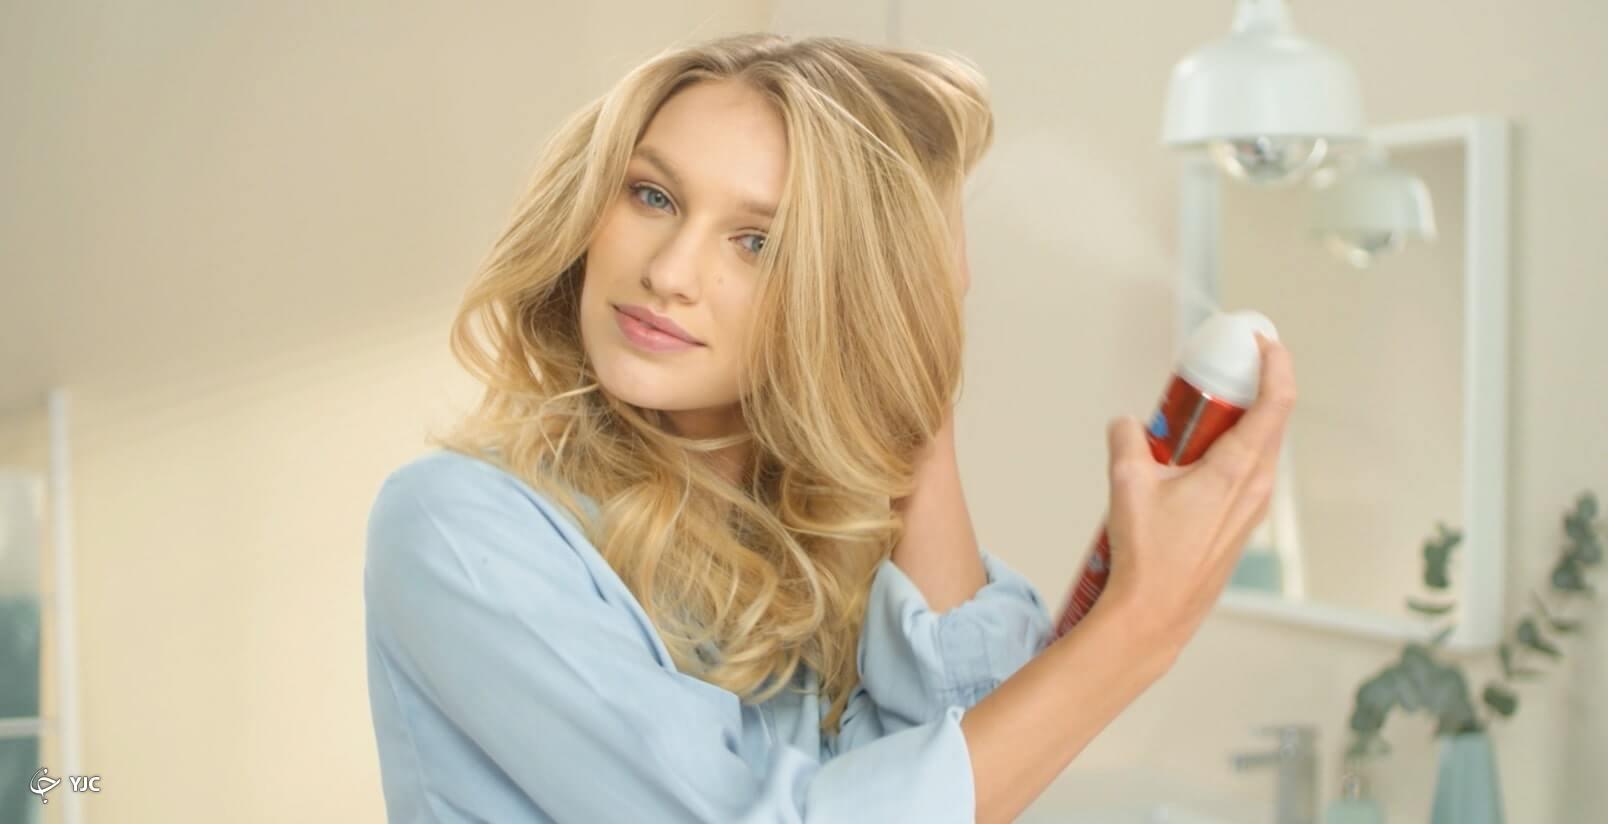 ۴ اشتباه که هنگام کار با سشوار به موهایتان آسیب میزند